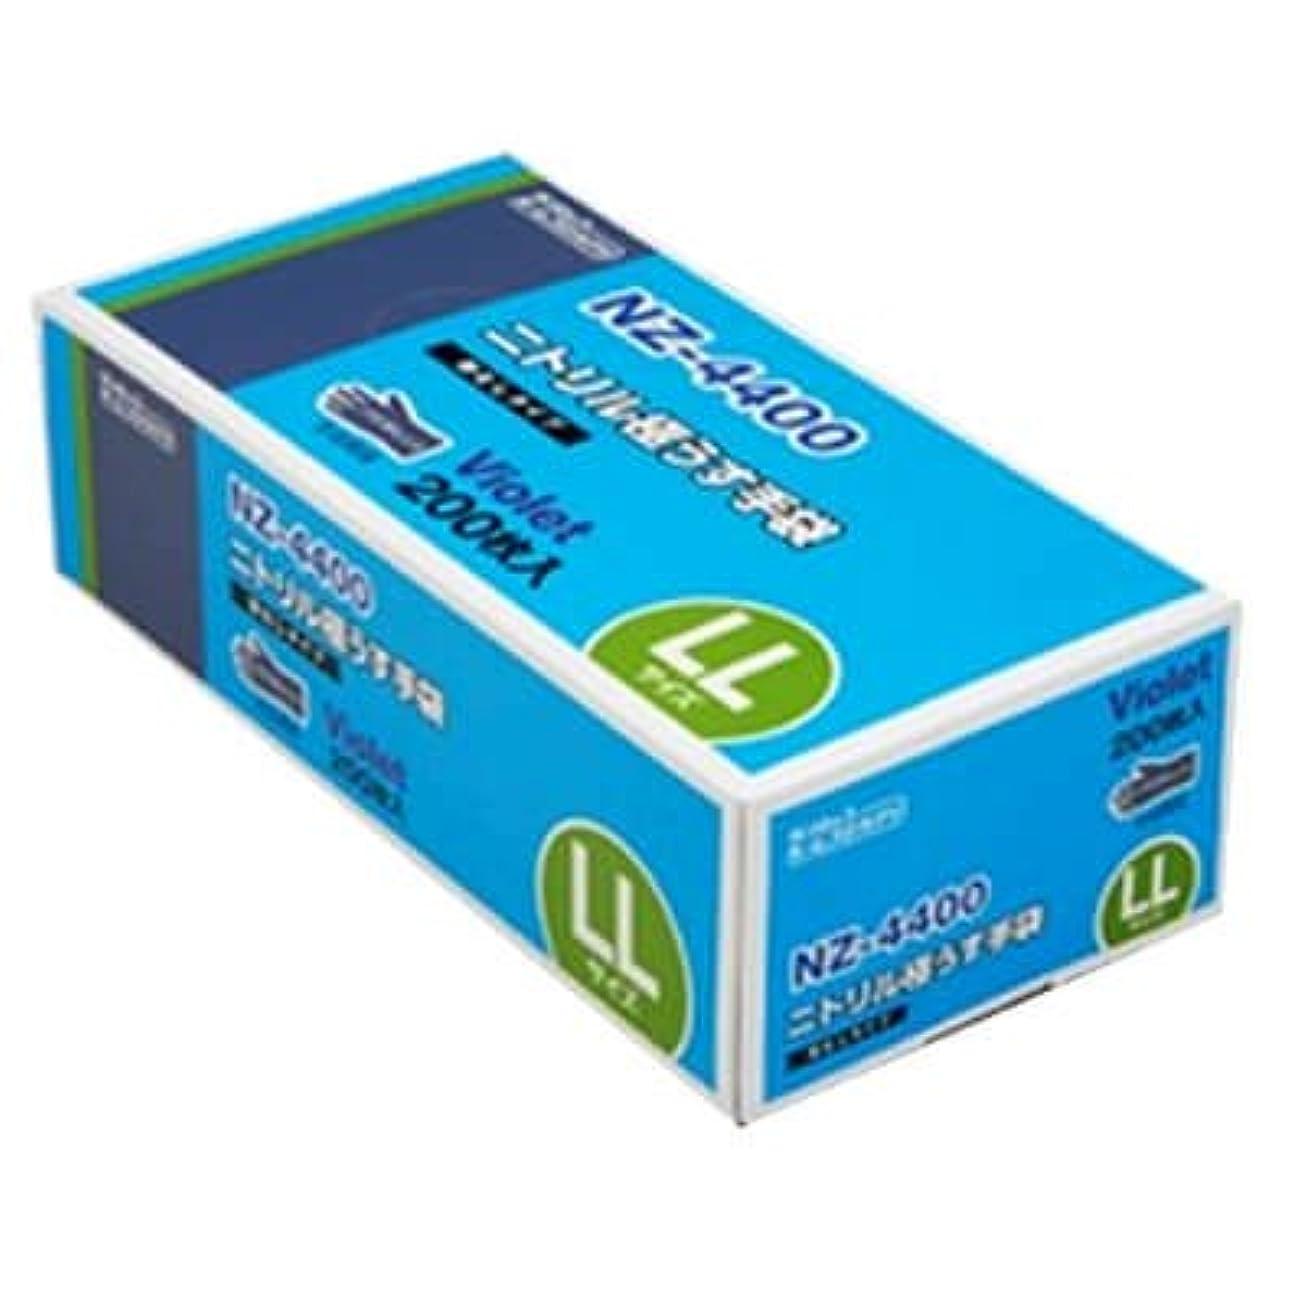 グリーンランドタンザニア野菜【ケース販売】 ダンロップ ニトリル極うす手袋 粉無 LL バイオレット NZ4400 (200枚入×15箱)